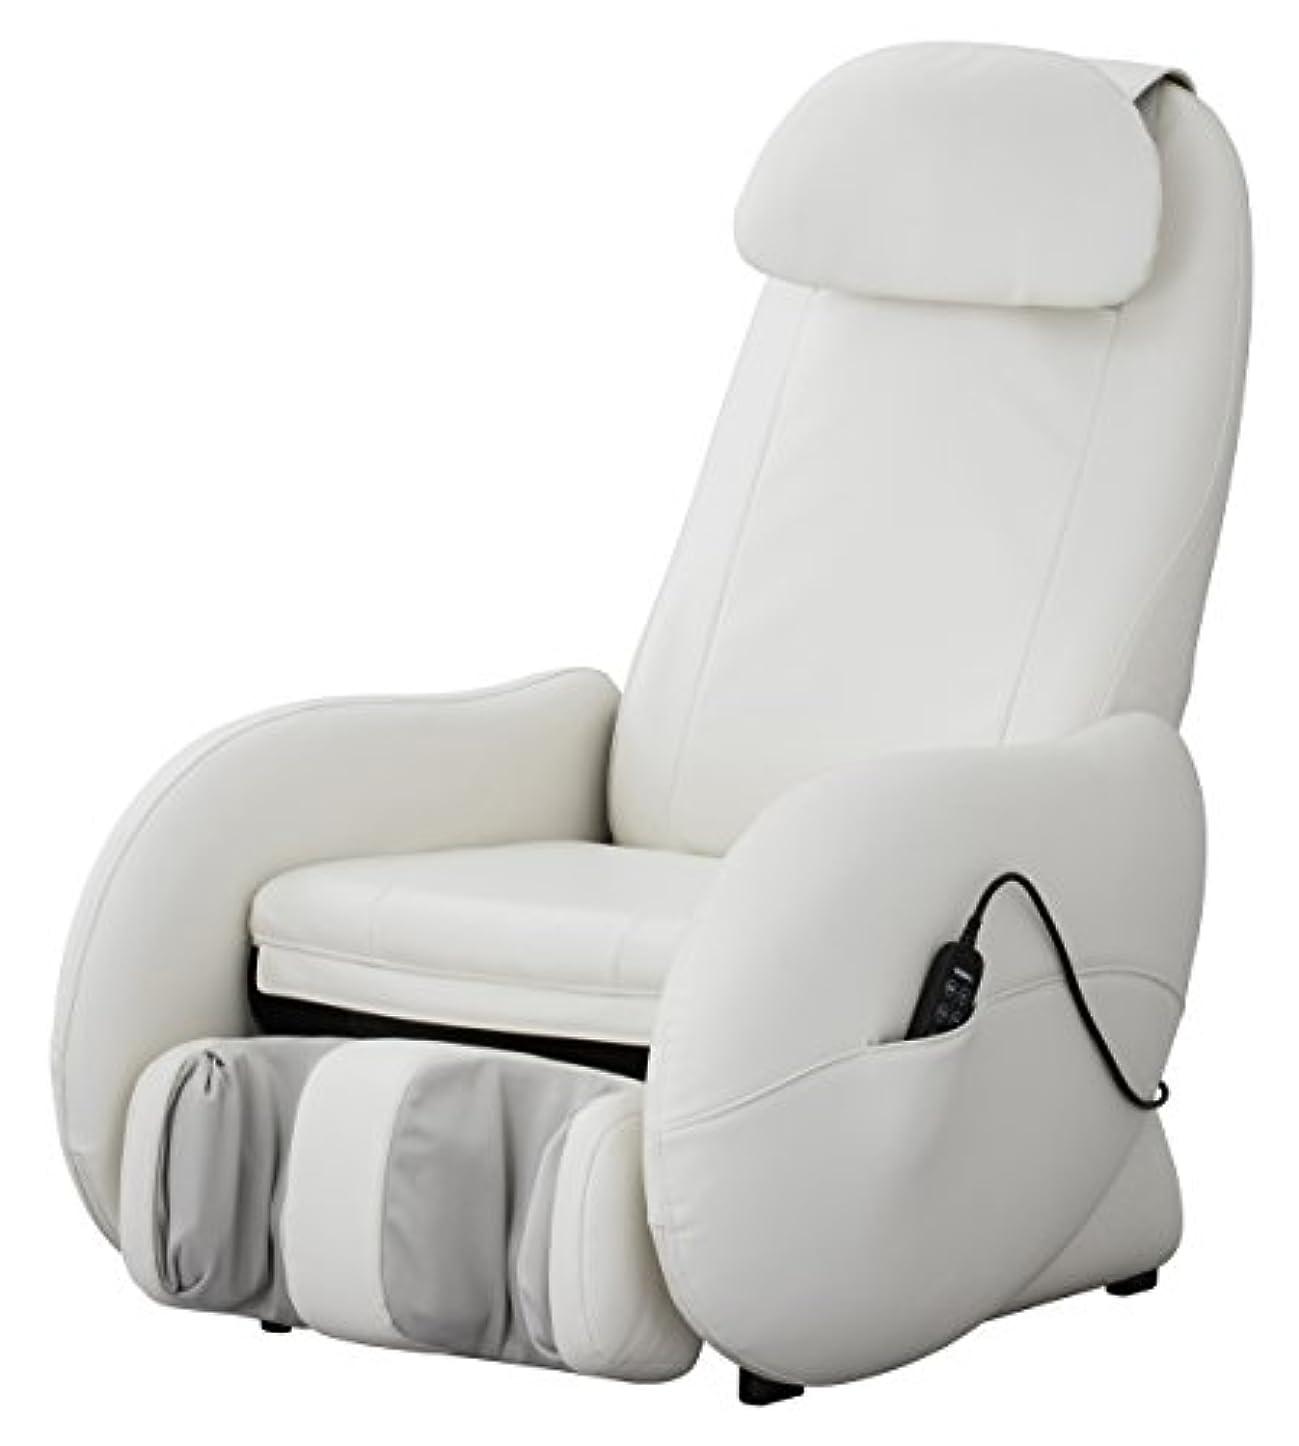 週間予防接種放棄されたスライヴ くつろぎ指定席Light マッサージチェア CHD-3500-WH ホワイト 正規品 おしゃれ コンパクト 小型